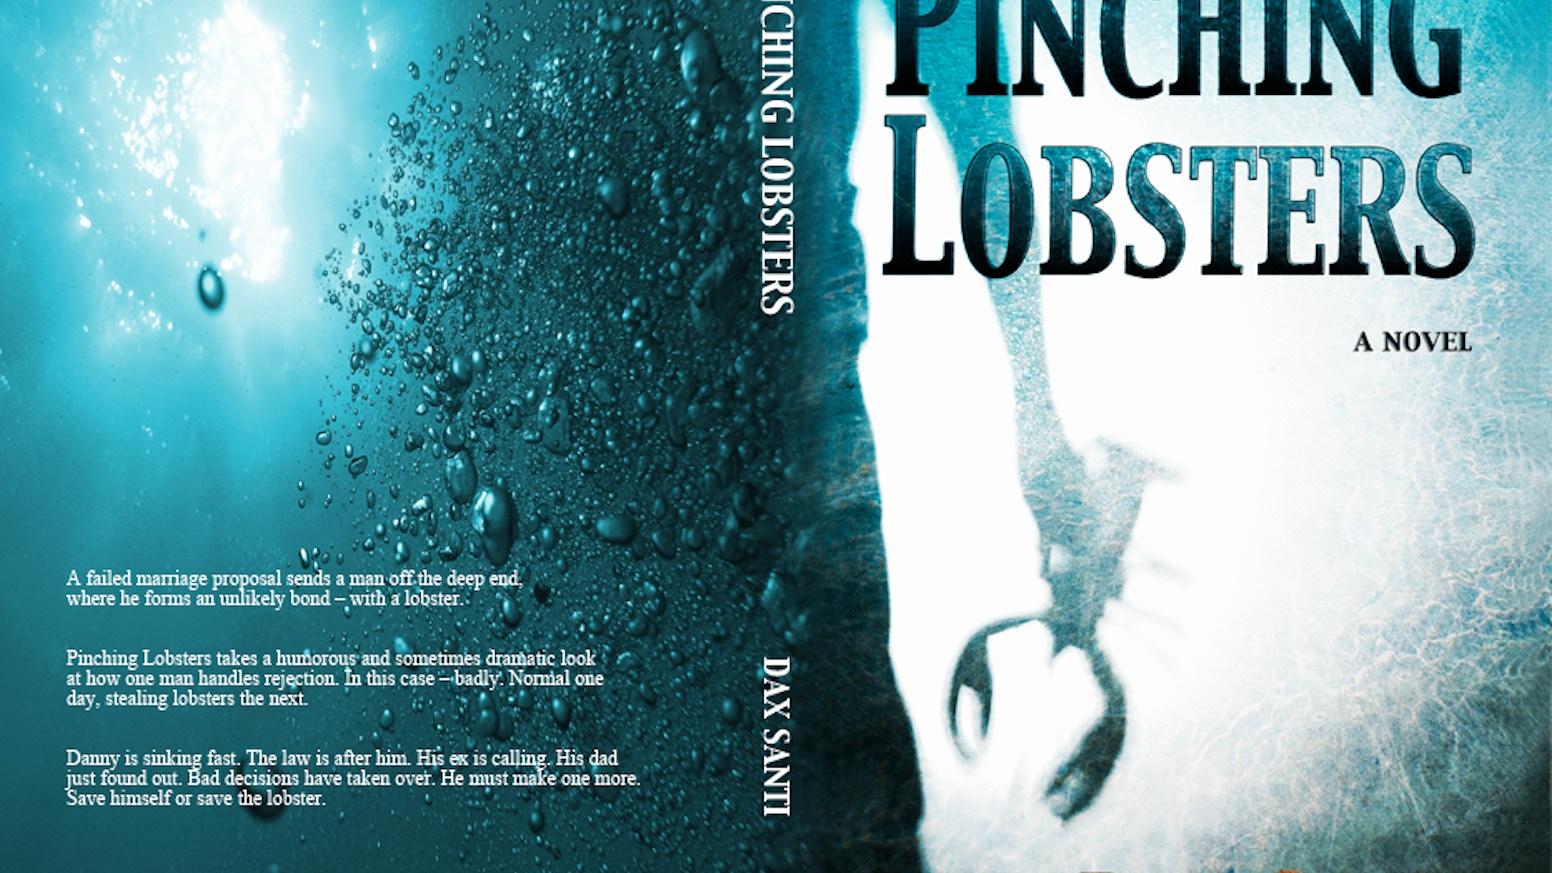 Pinching Lobsters by Dax Santi — Kickstarter